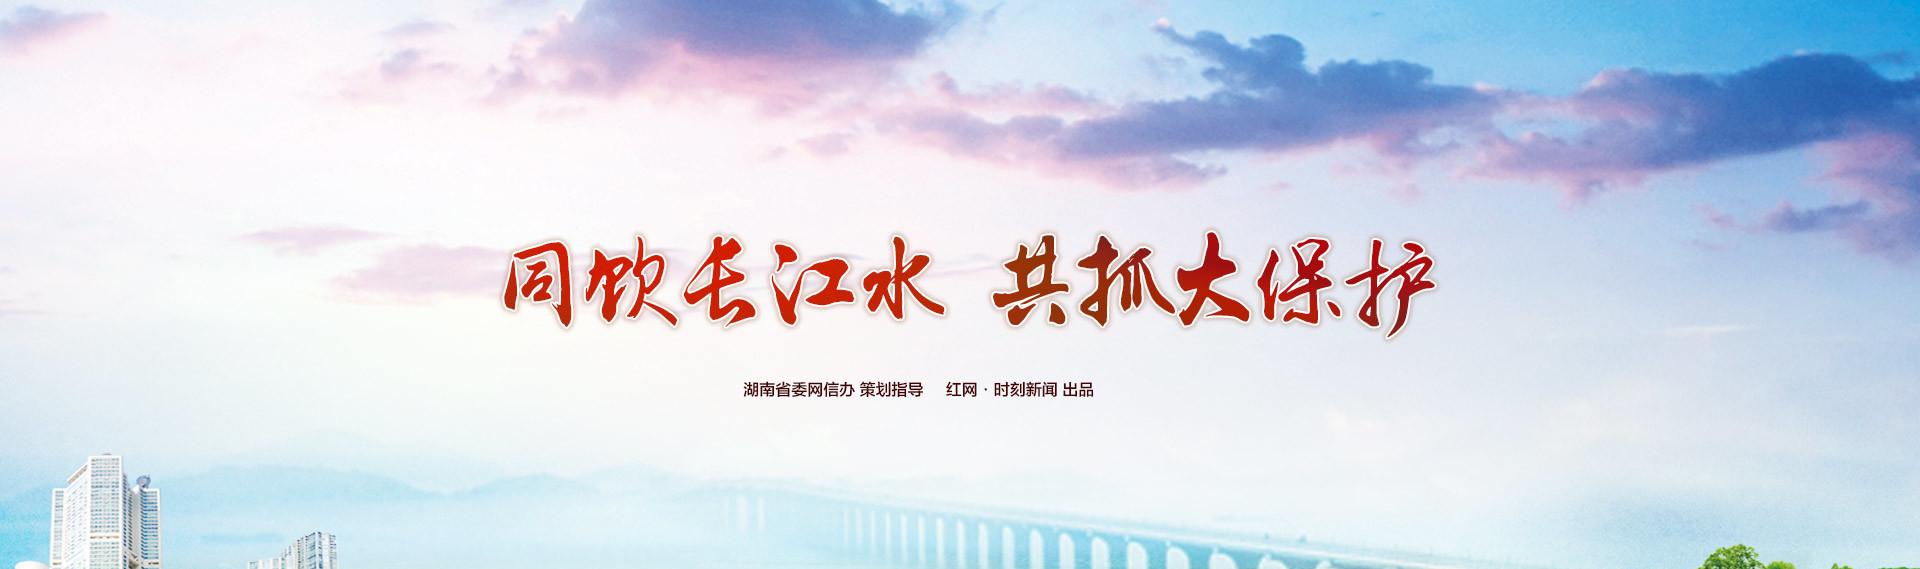 共舞长江经济带:同饮长江水 共抓大保护